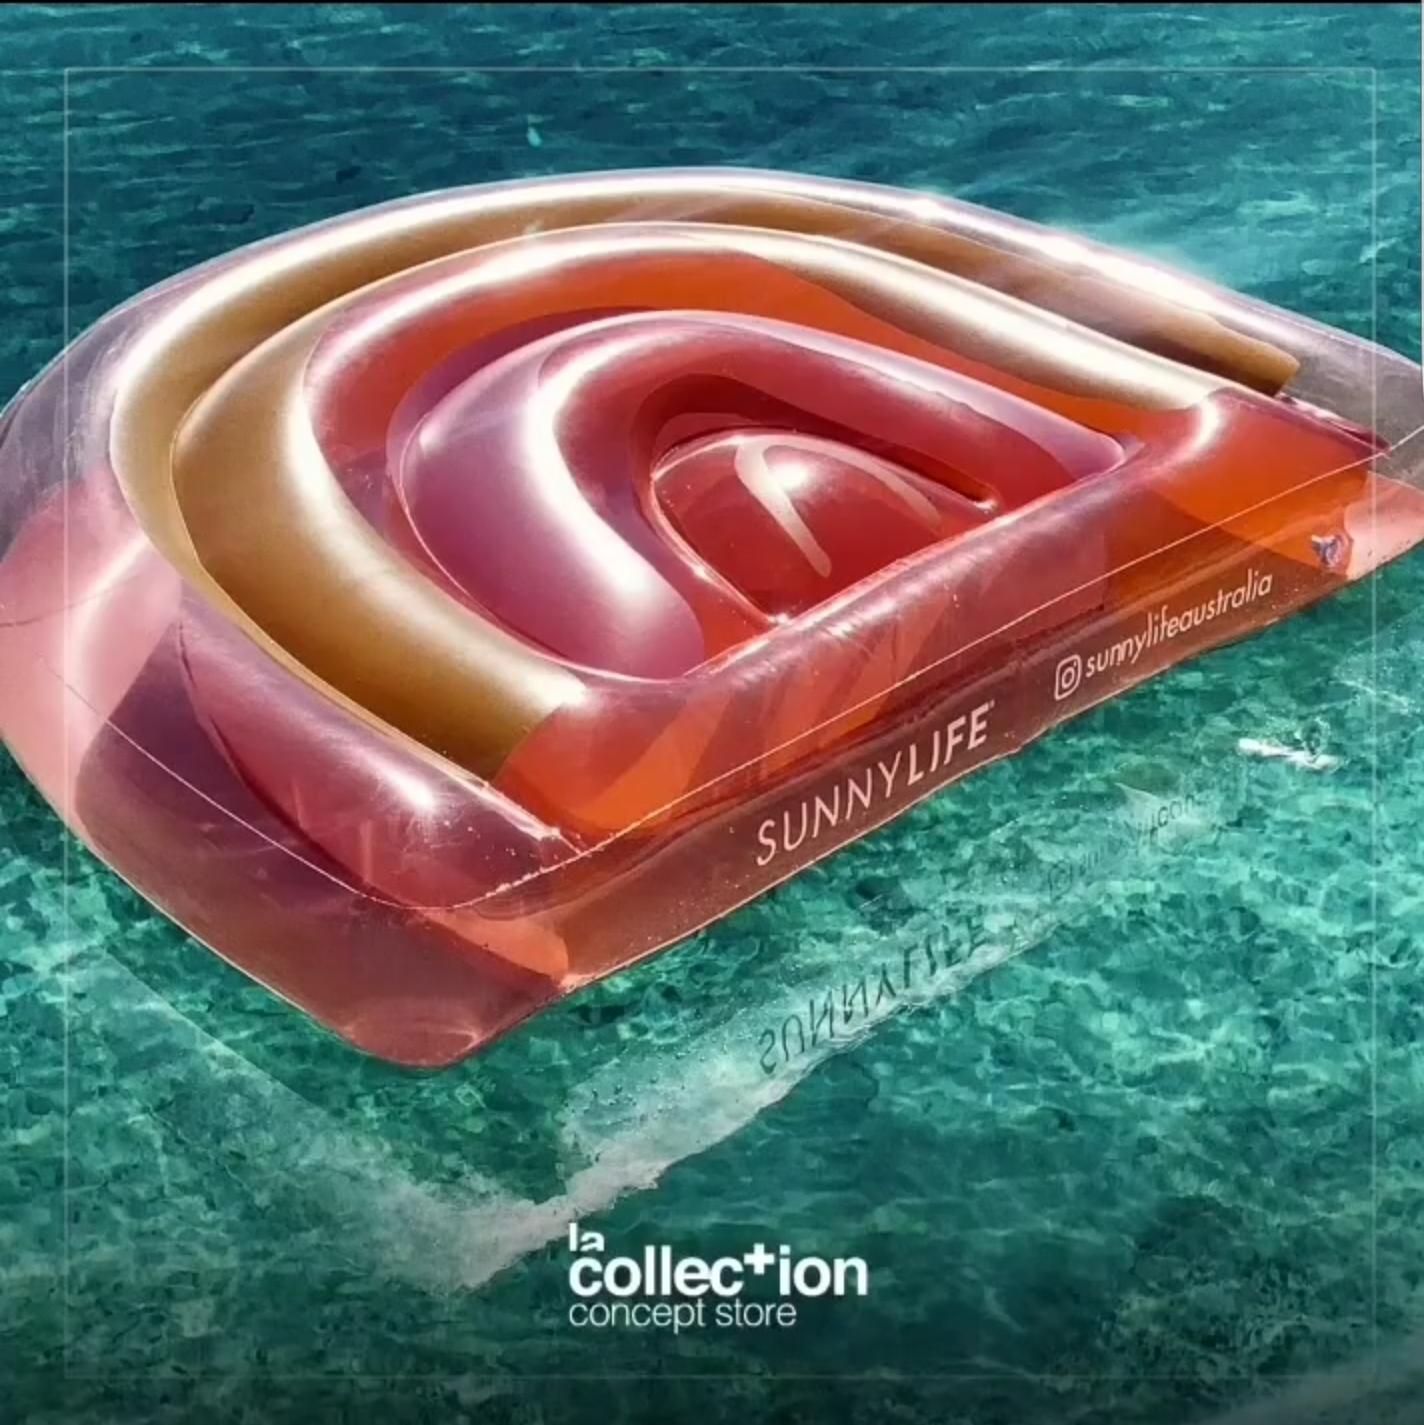 """Promotion de la collection de produits """"Summer Vibes"""" pour le concept store La Collection"""